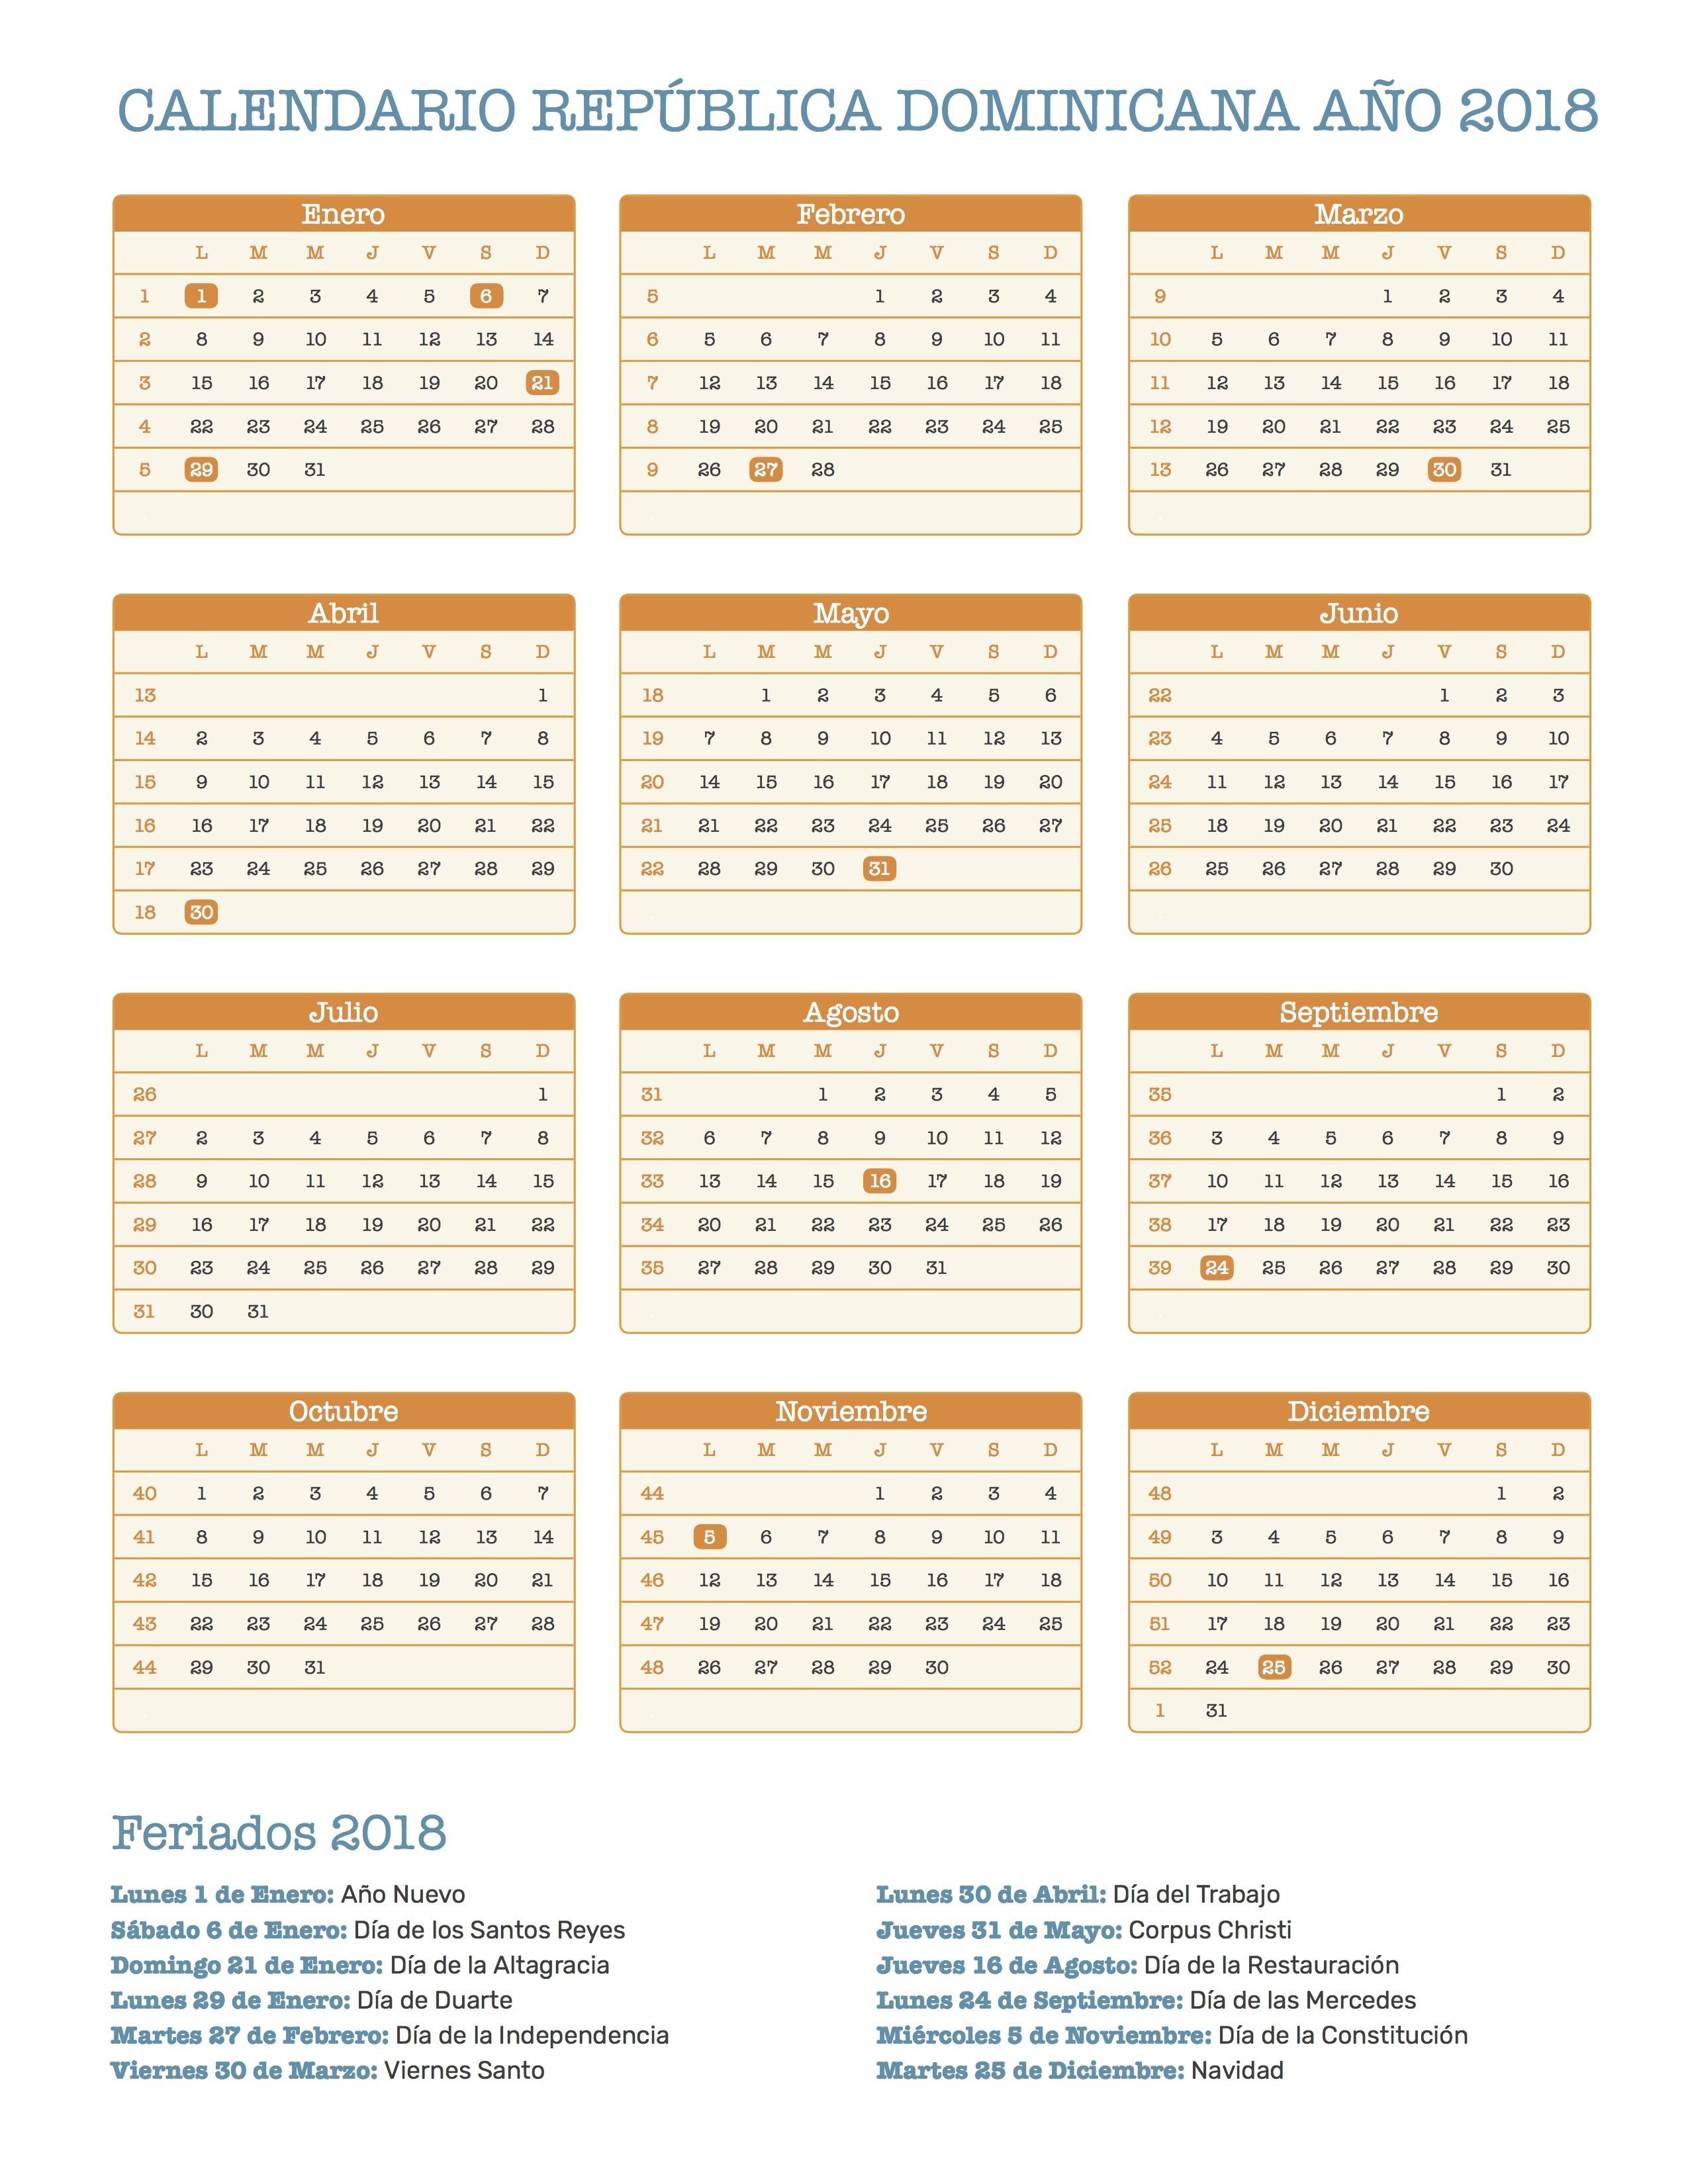 Calendario Para Imprimir 2019 Escolar Más Caliente Fin De A±o Escolar 2018 Republica Dominicana Chungcuso3luongyen Of Calendario Para Imprimir 2019 Escolar Más Reciente Resultado De Imagen Para Imprimible Hojas De Agenda